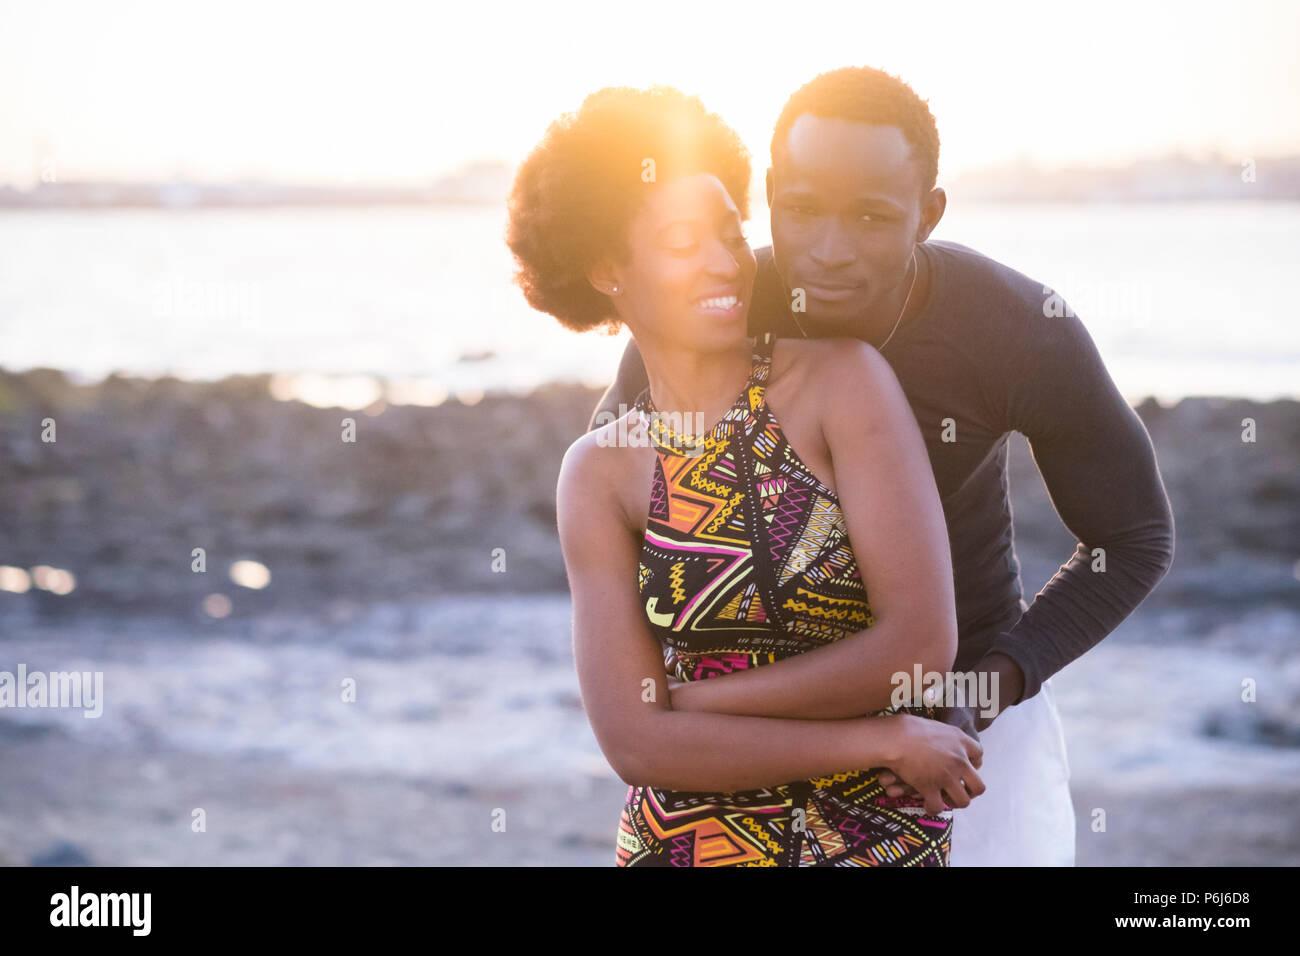 Hermoso par de raza negra modelos africanos en traje tradicional divertirse y amor junto a la playa en verano, durante el atardecer de retroiluminación de Niza. Imagen De Stock